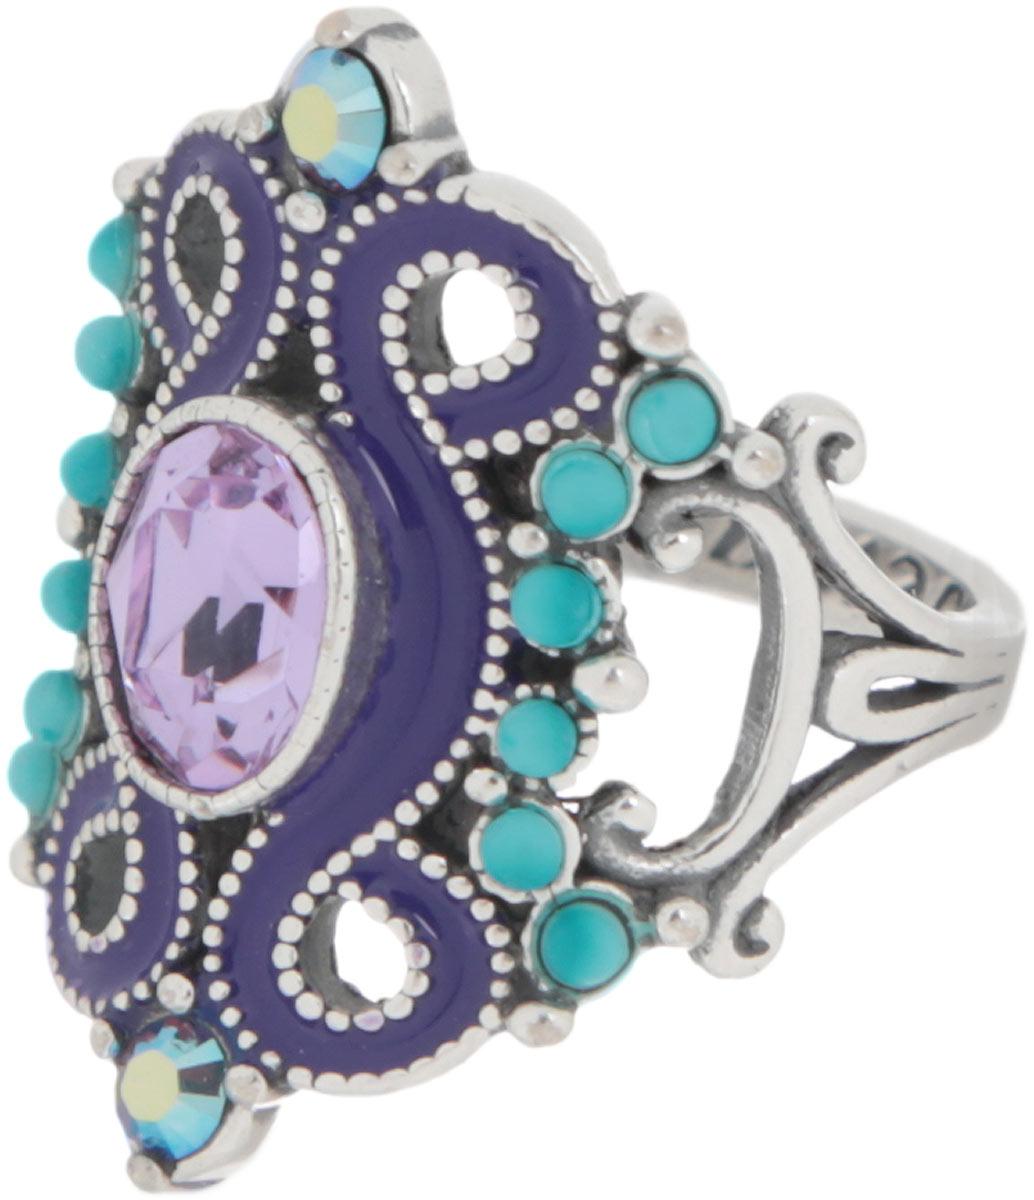 Кольцо Jenavi Шер, цвет: серебристый, сиреневый, фиолетовый, бирюзовый. Размер 16АромакулонЭлегантное дизайнерское кольцо Jenavi Шер выполнено из ювелирного сплава с антиаллергическим гальваническим покрытием чернёного серебра. Изделие привлекает внимание сложным ажурным литьем и яркой композицией. Декорировано кольцо гранеными кристаллами Swarovski.Изысканное цветовое решение и оригинальный дизайн этого кольца не позволят вам остаться незамеченными.